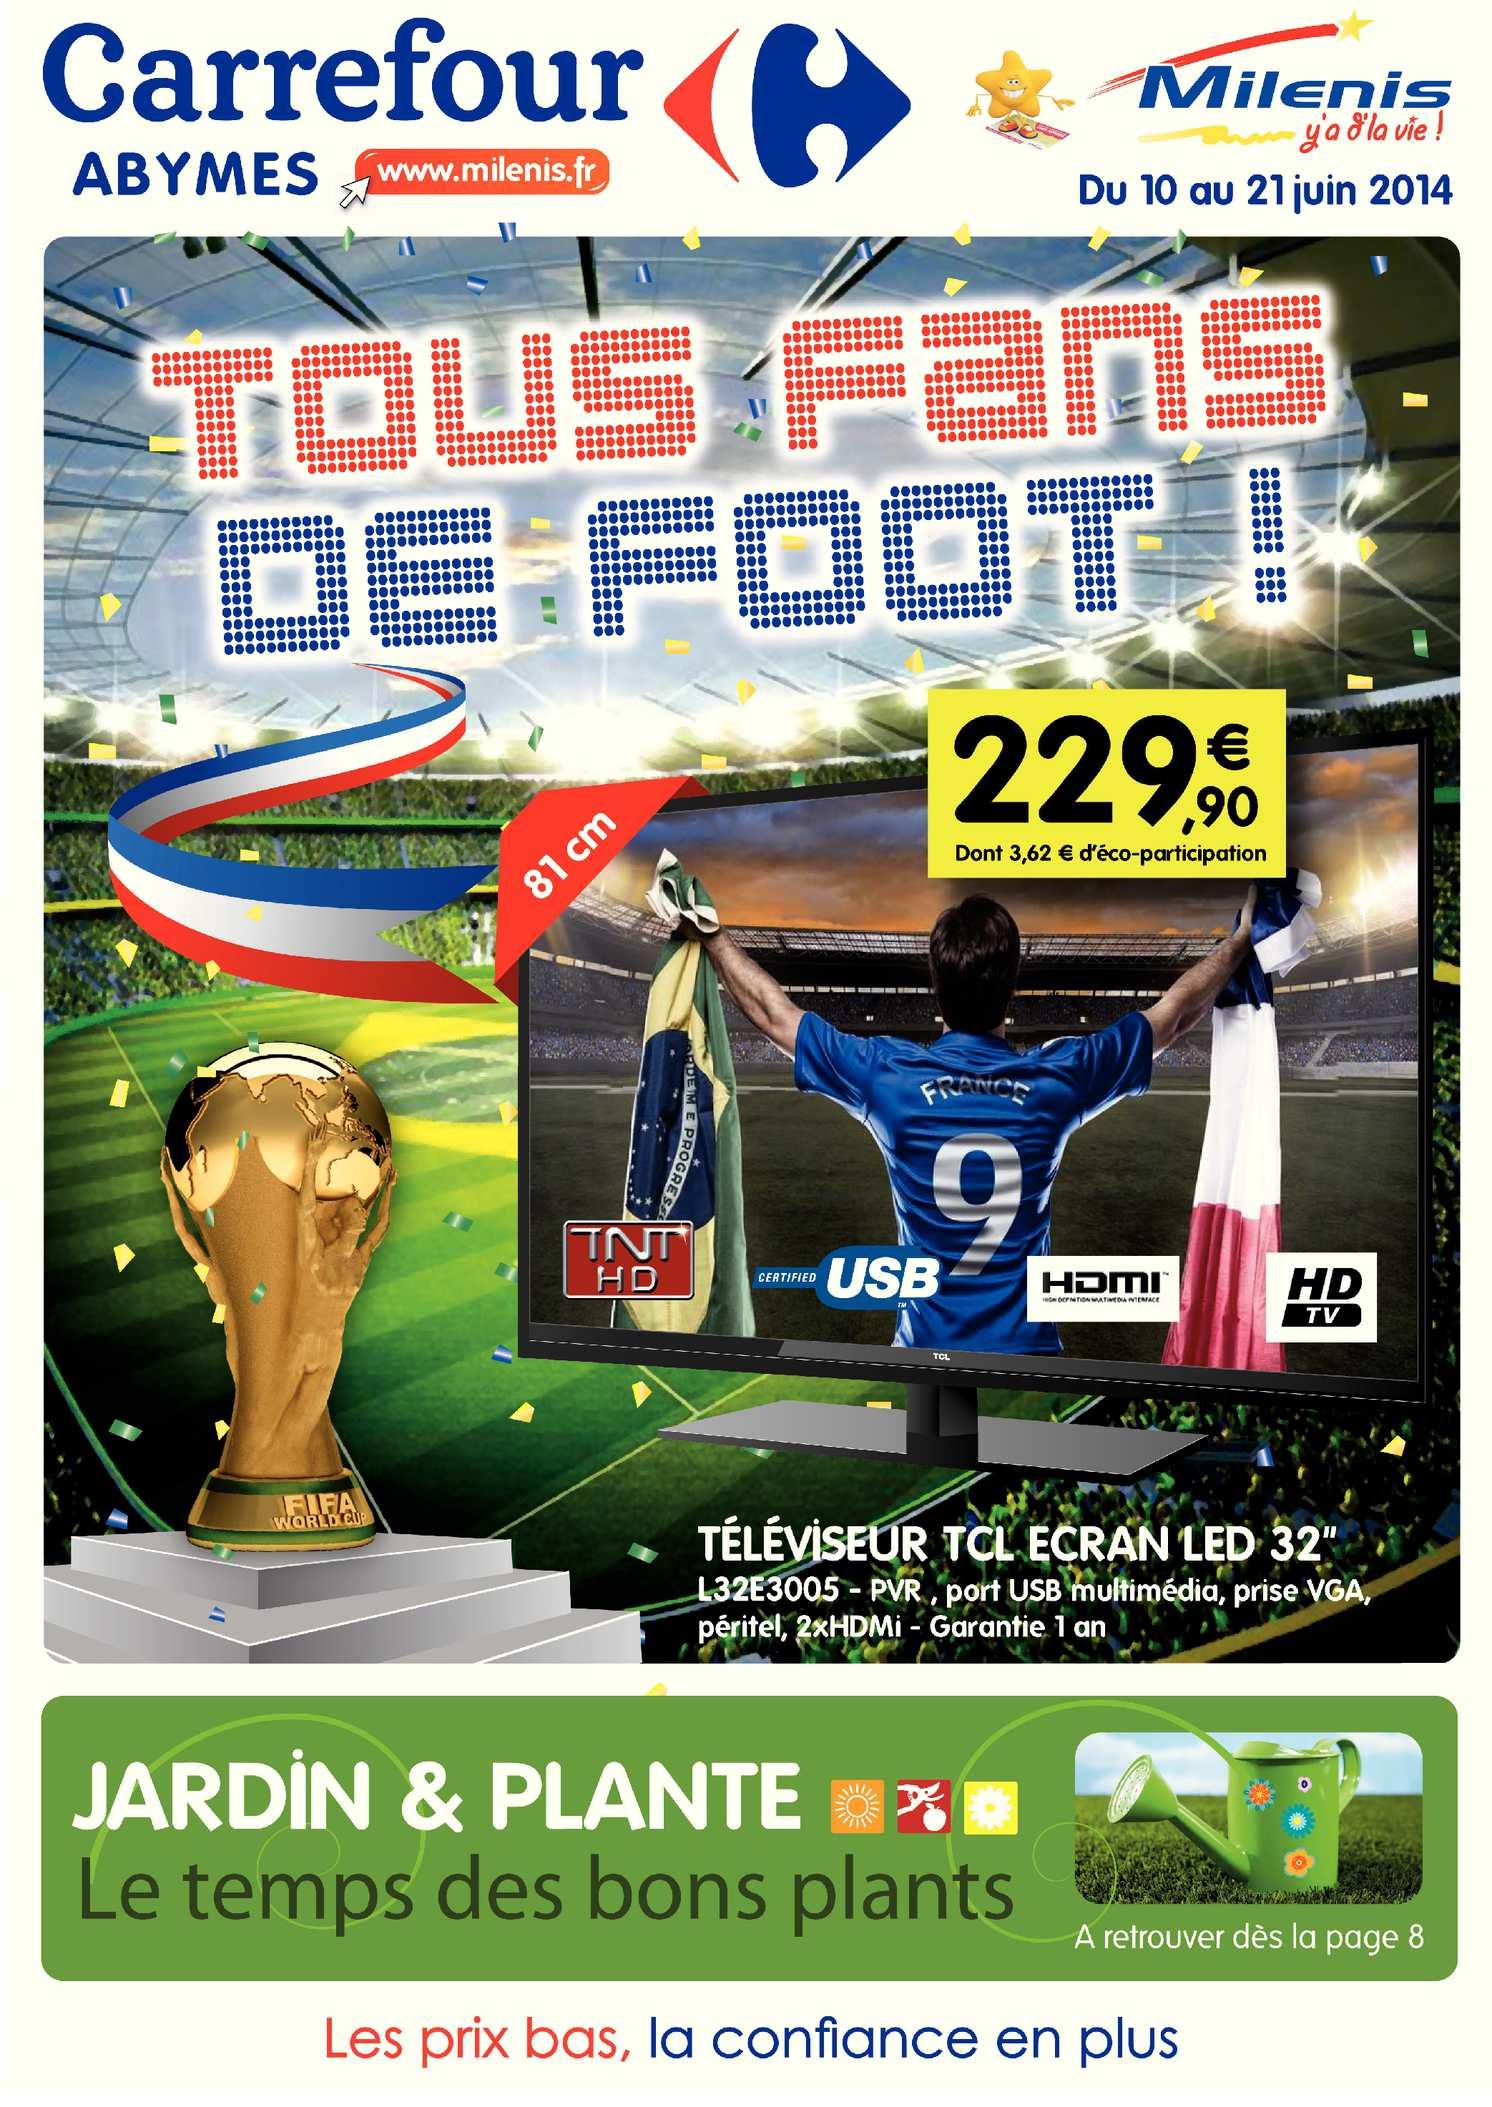 Calameo Carrefour Milenis Tous Fans De Foot